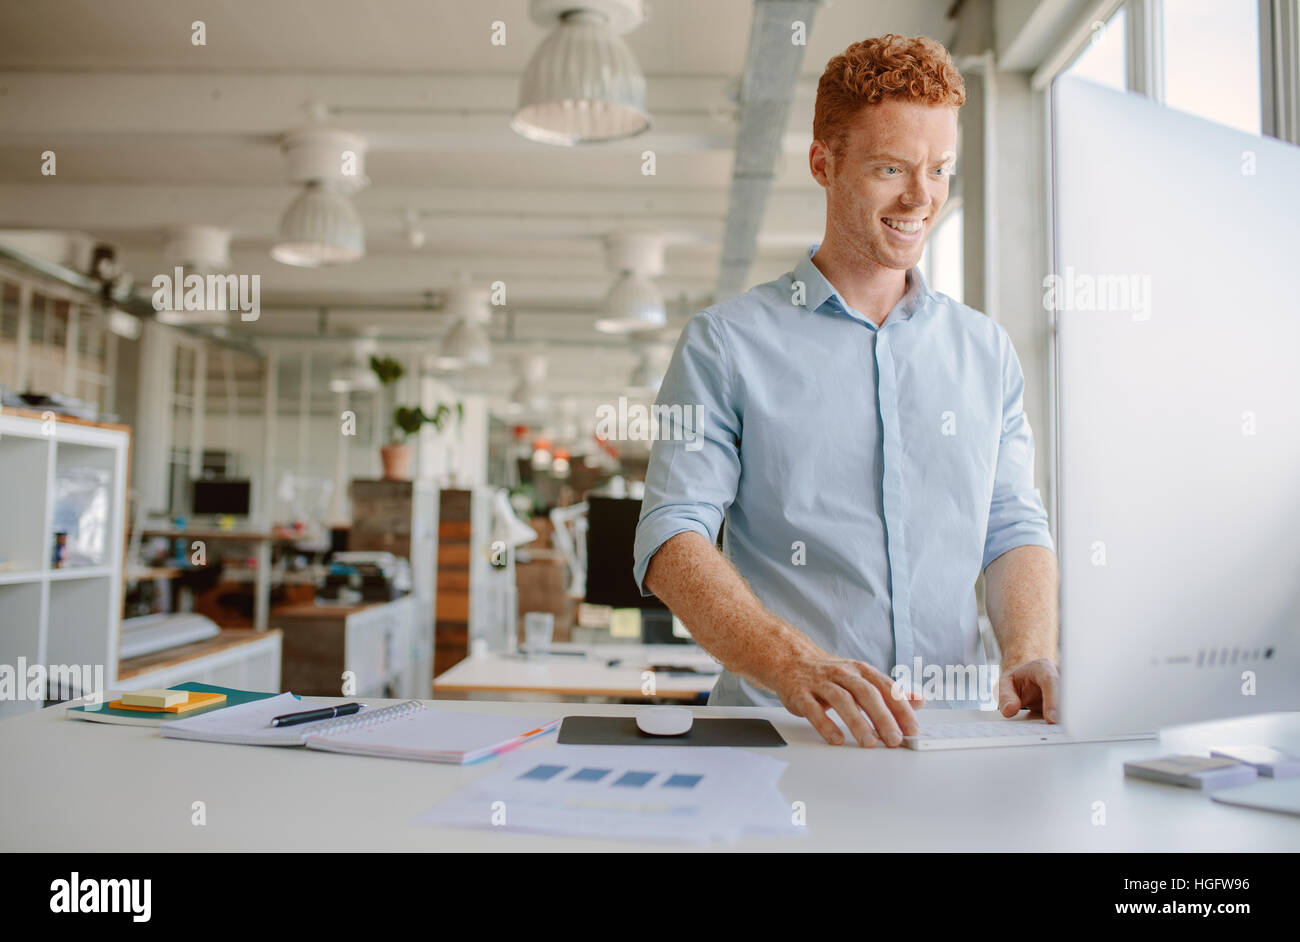 Disparo de feliz joven parado en su escritorio y trabajar en equipo. Empresario trabajando en la oficina moderna. Imagen De Stock